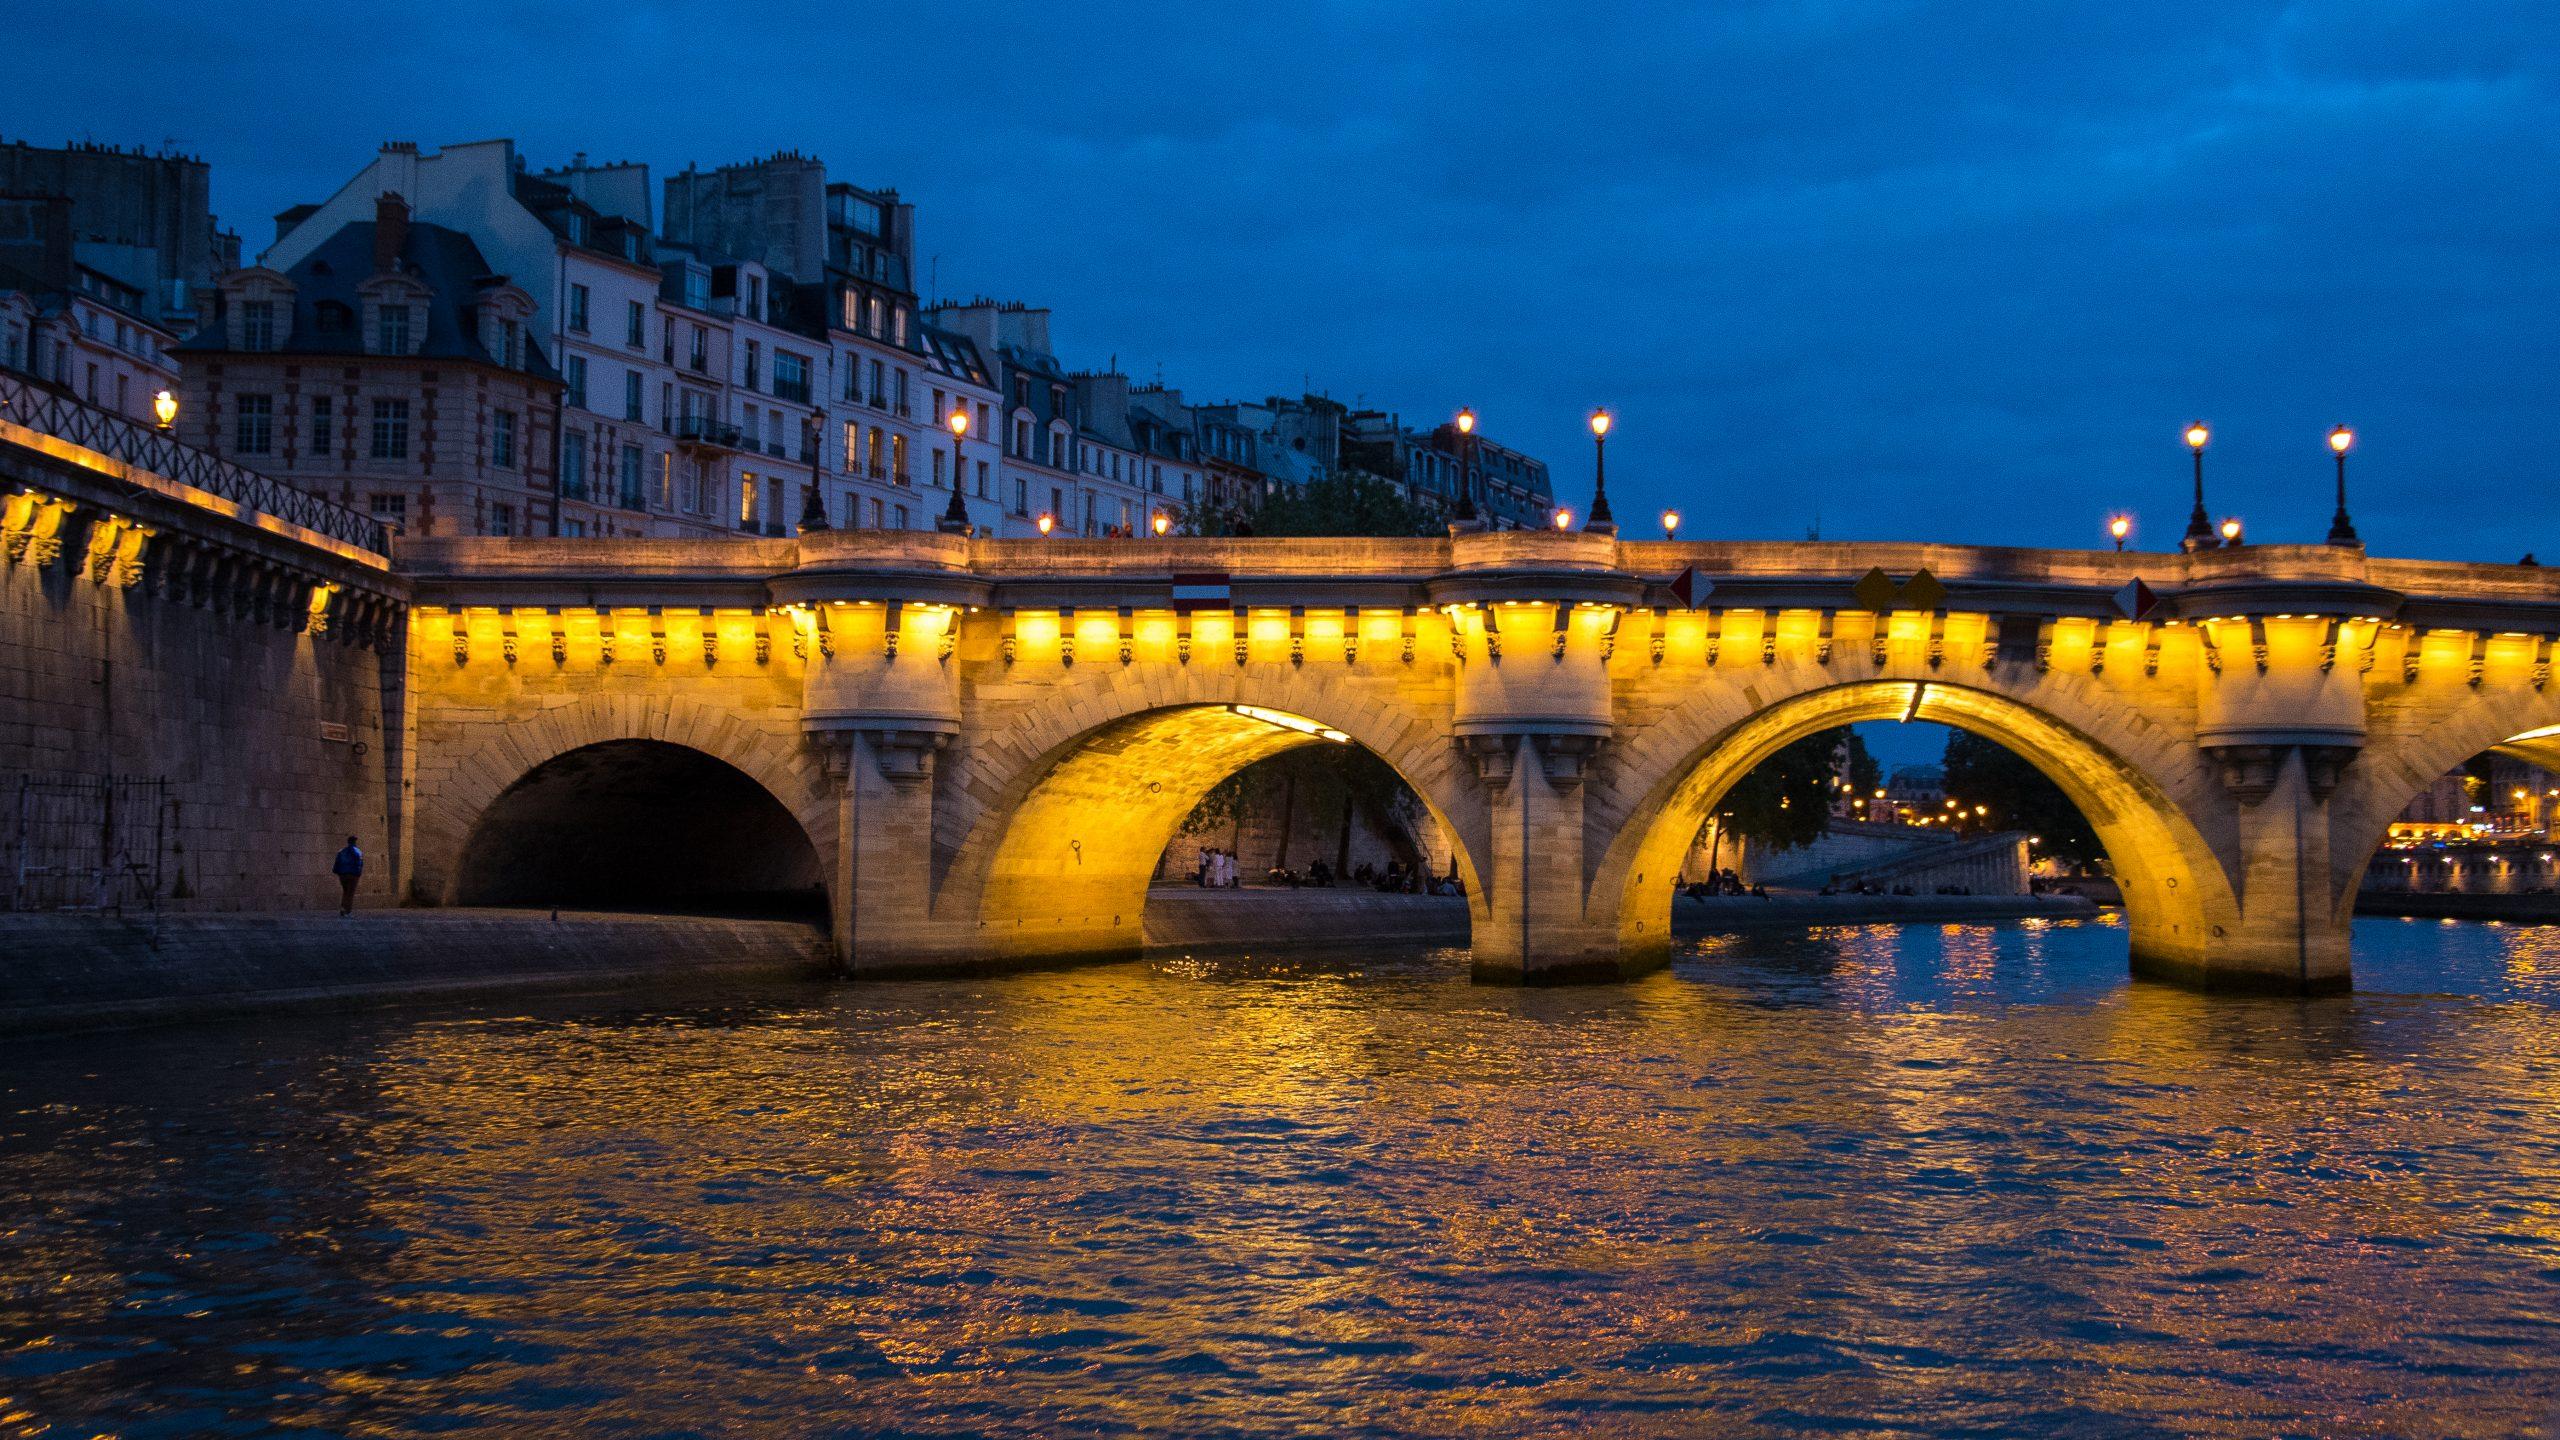 Night view of bridge in Paris.